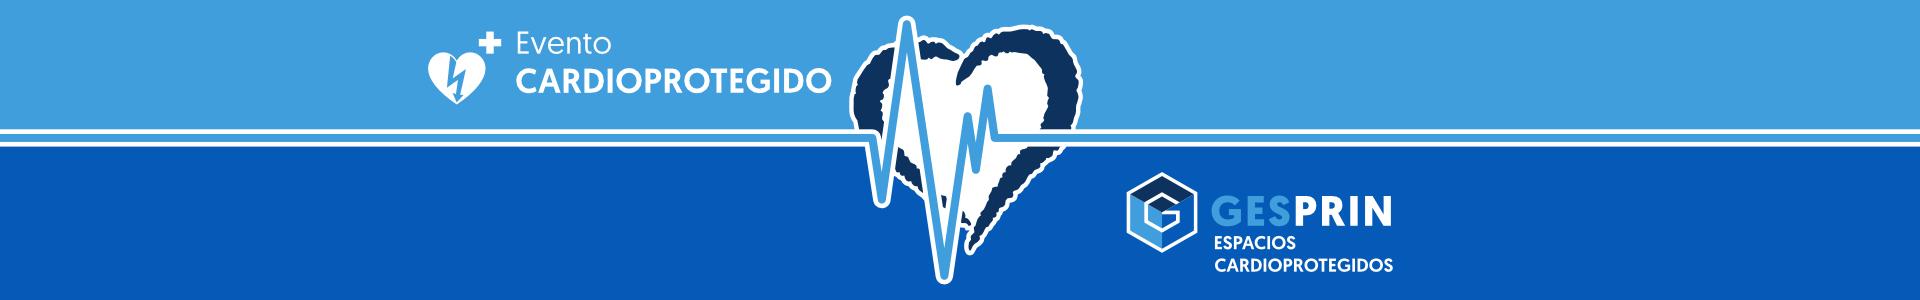 Espacio Cardioprotegido Trail Alto Aller